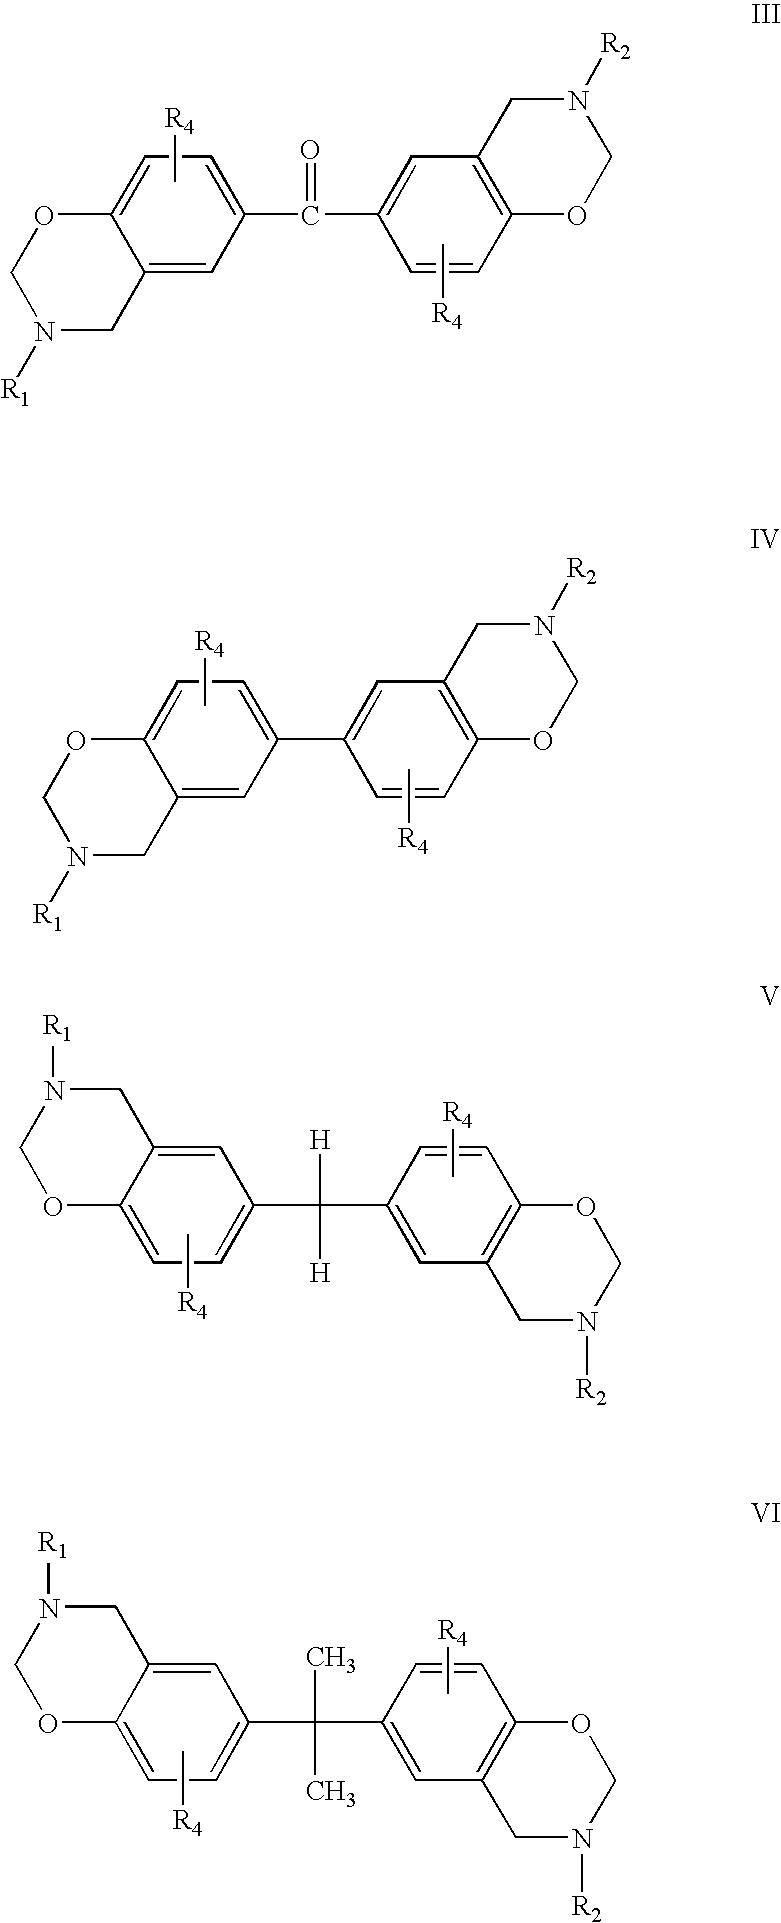 Figure US07537827-20090526-C00003